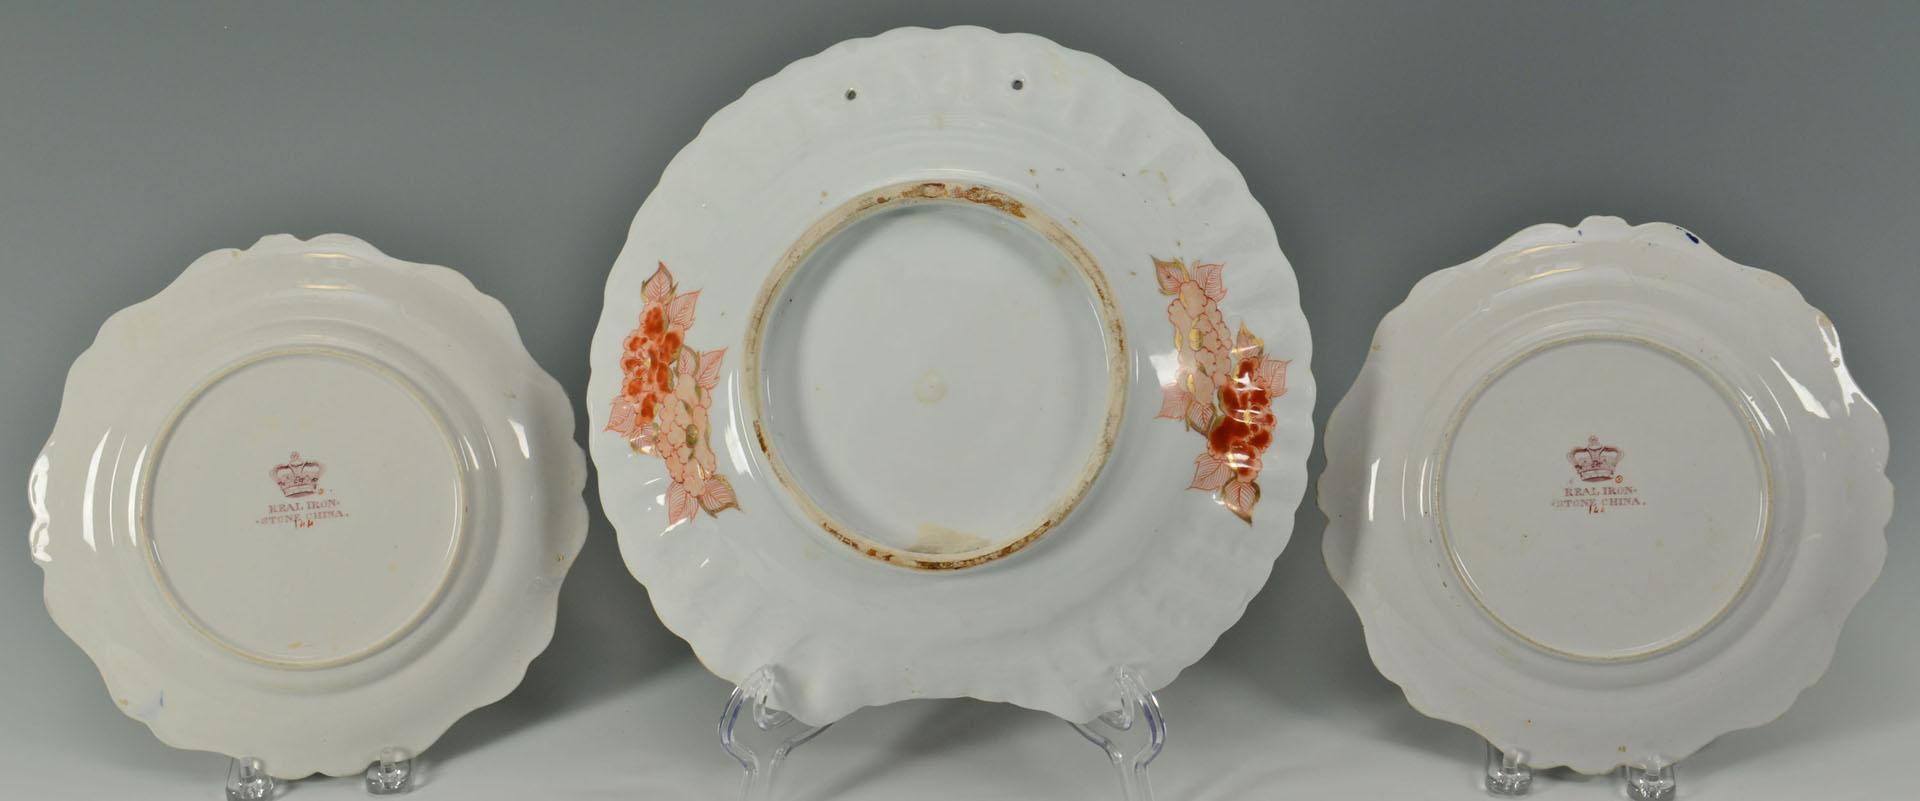 Lot 25: Imari Barber Bowl and Pair of English Imari Plates